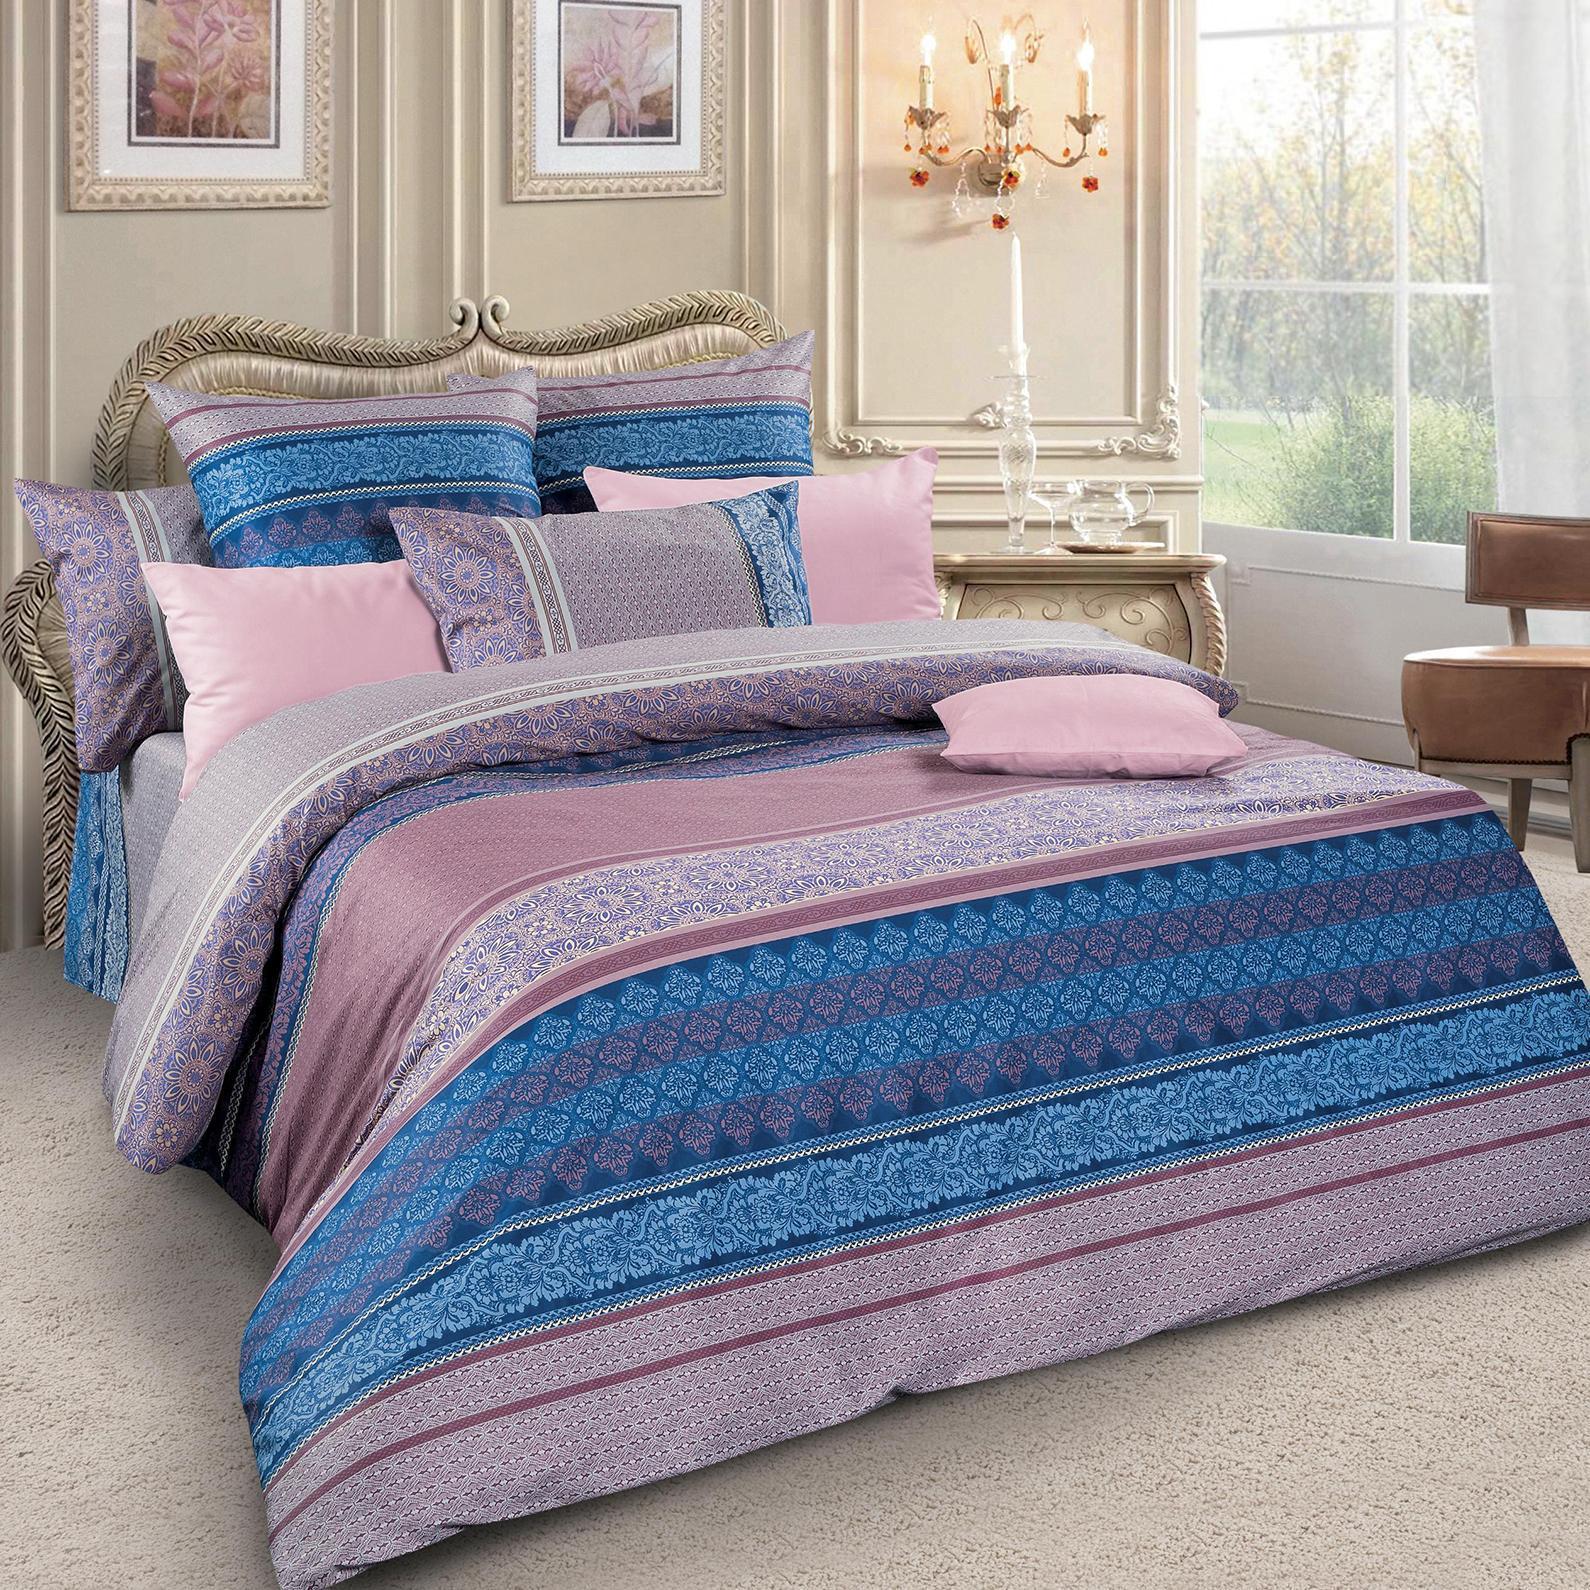 Комплект белья Letto, семейный, наволочки 70х70, цвет: фиолетовый. sm49-7